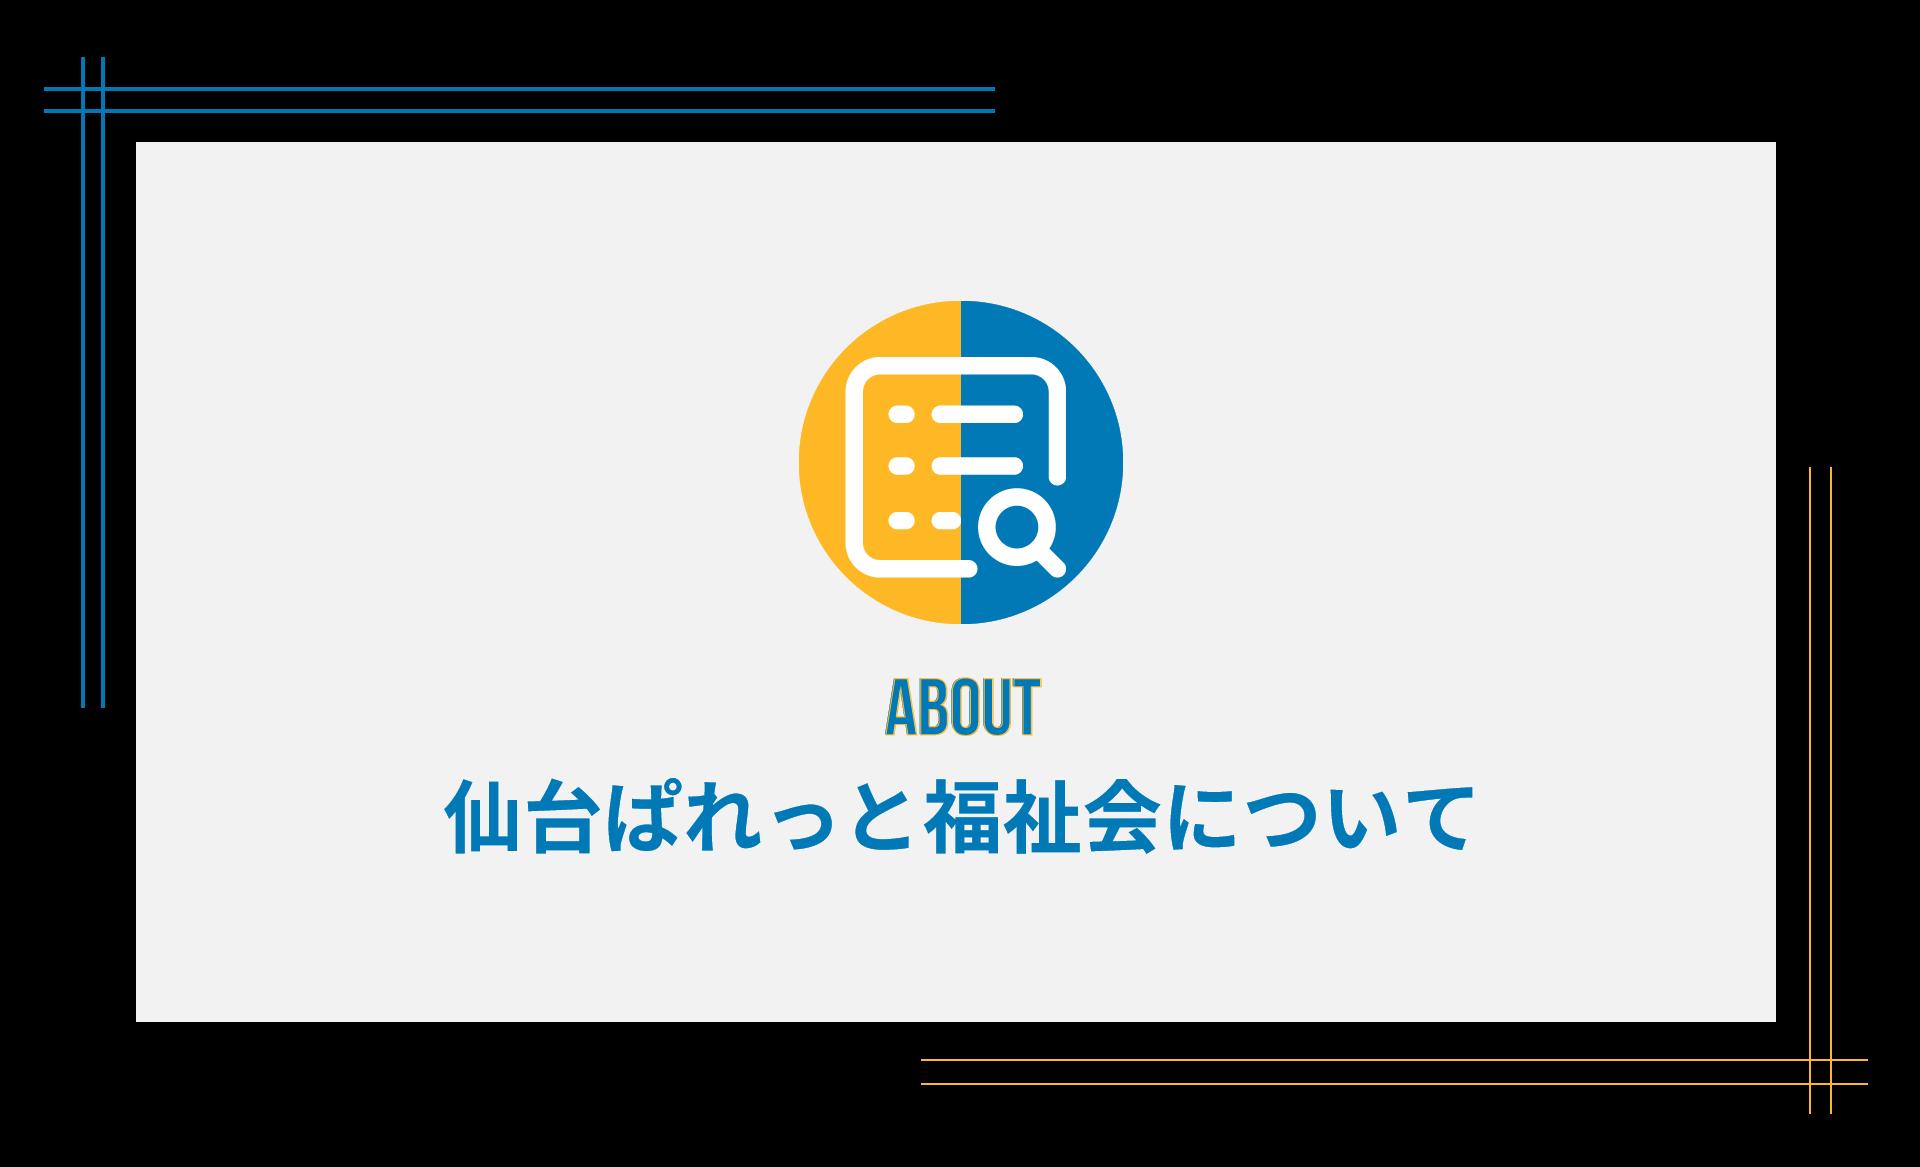 仙台ぱれっと福祉会について